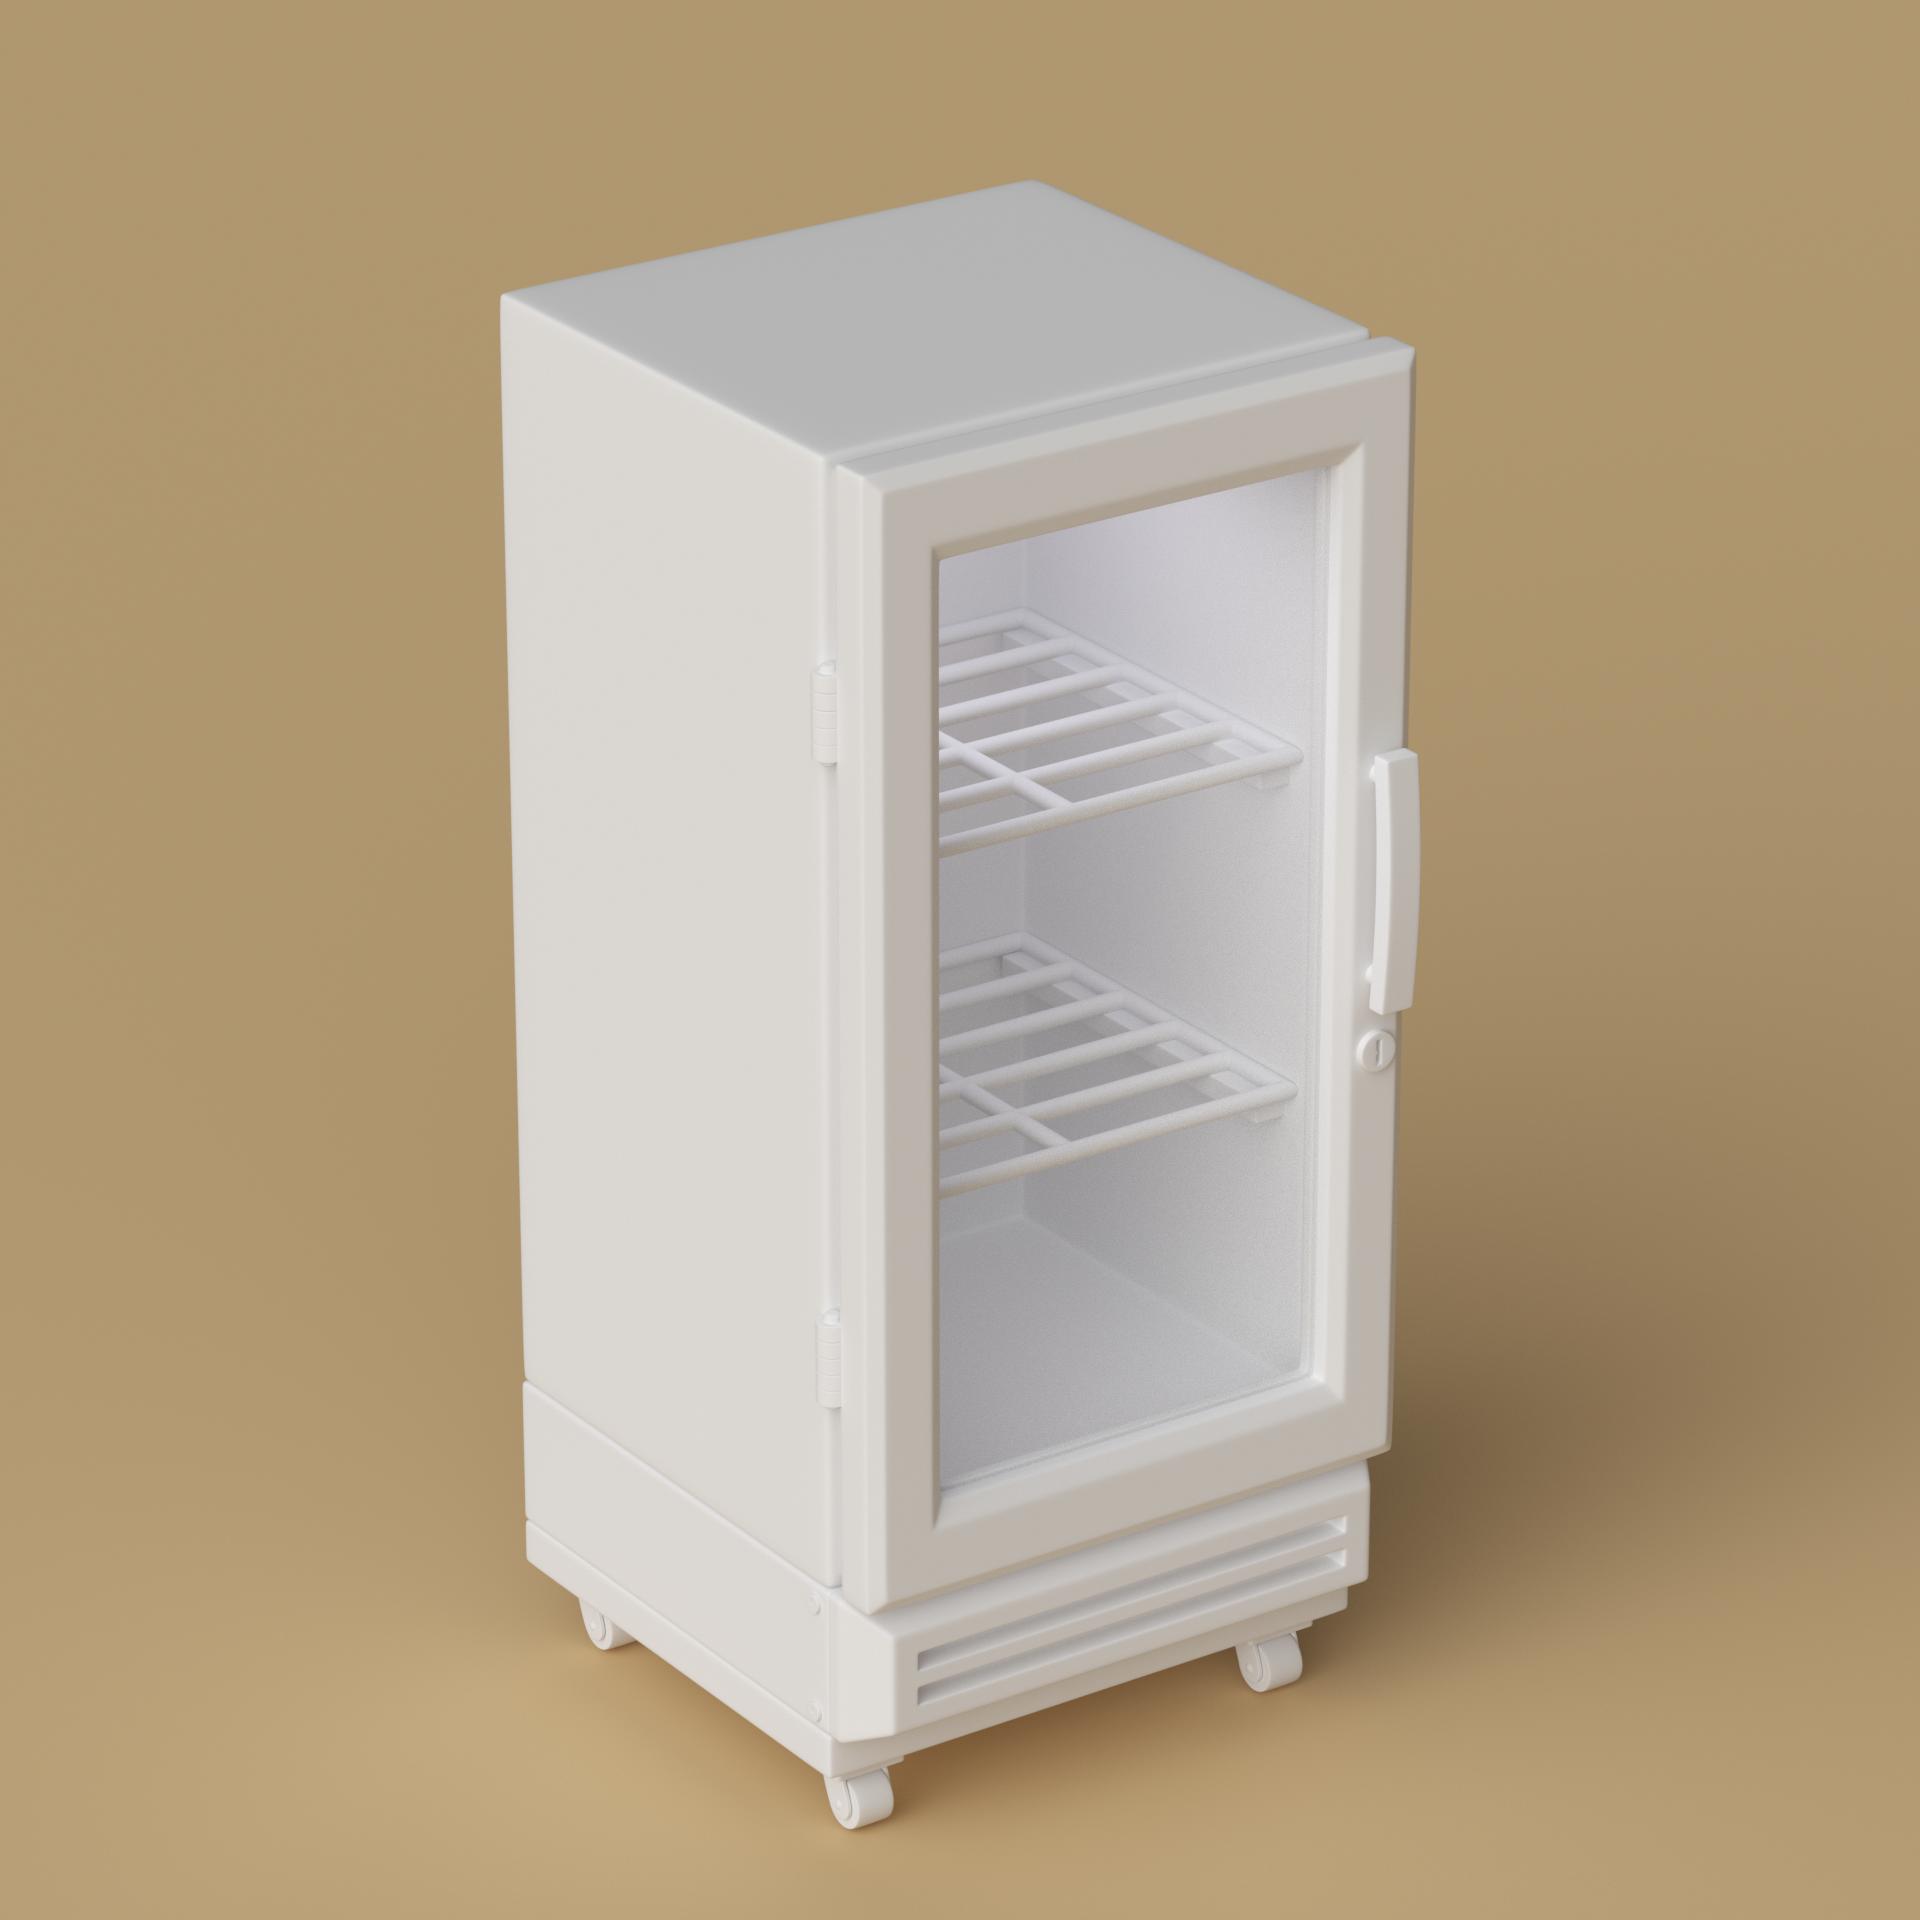 drink_fridge.png